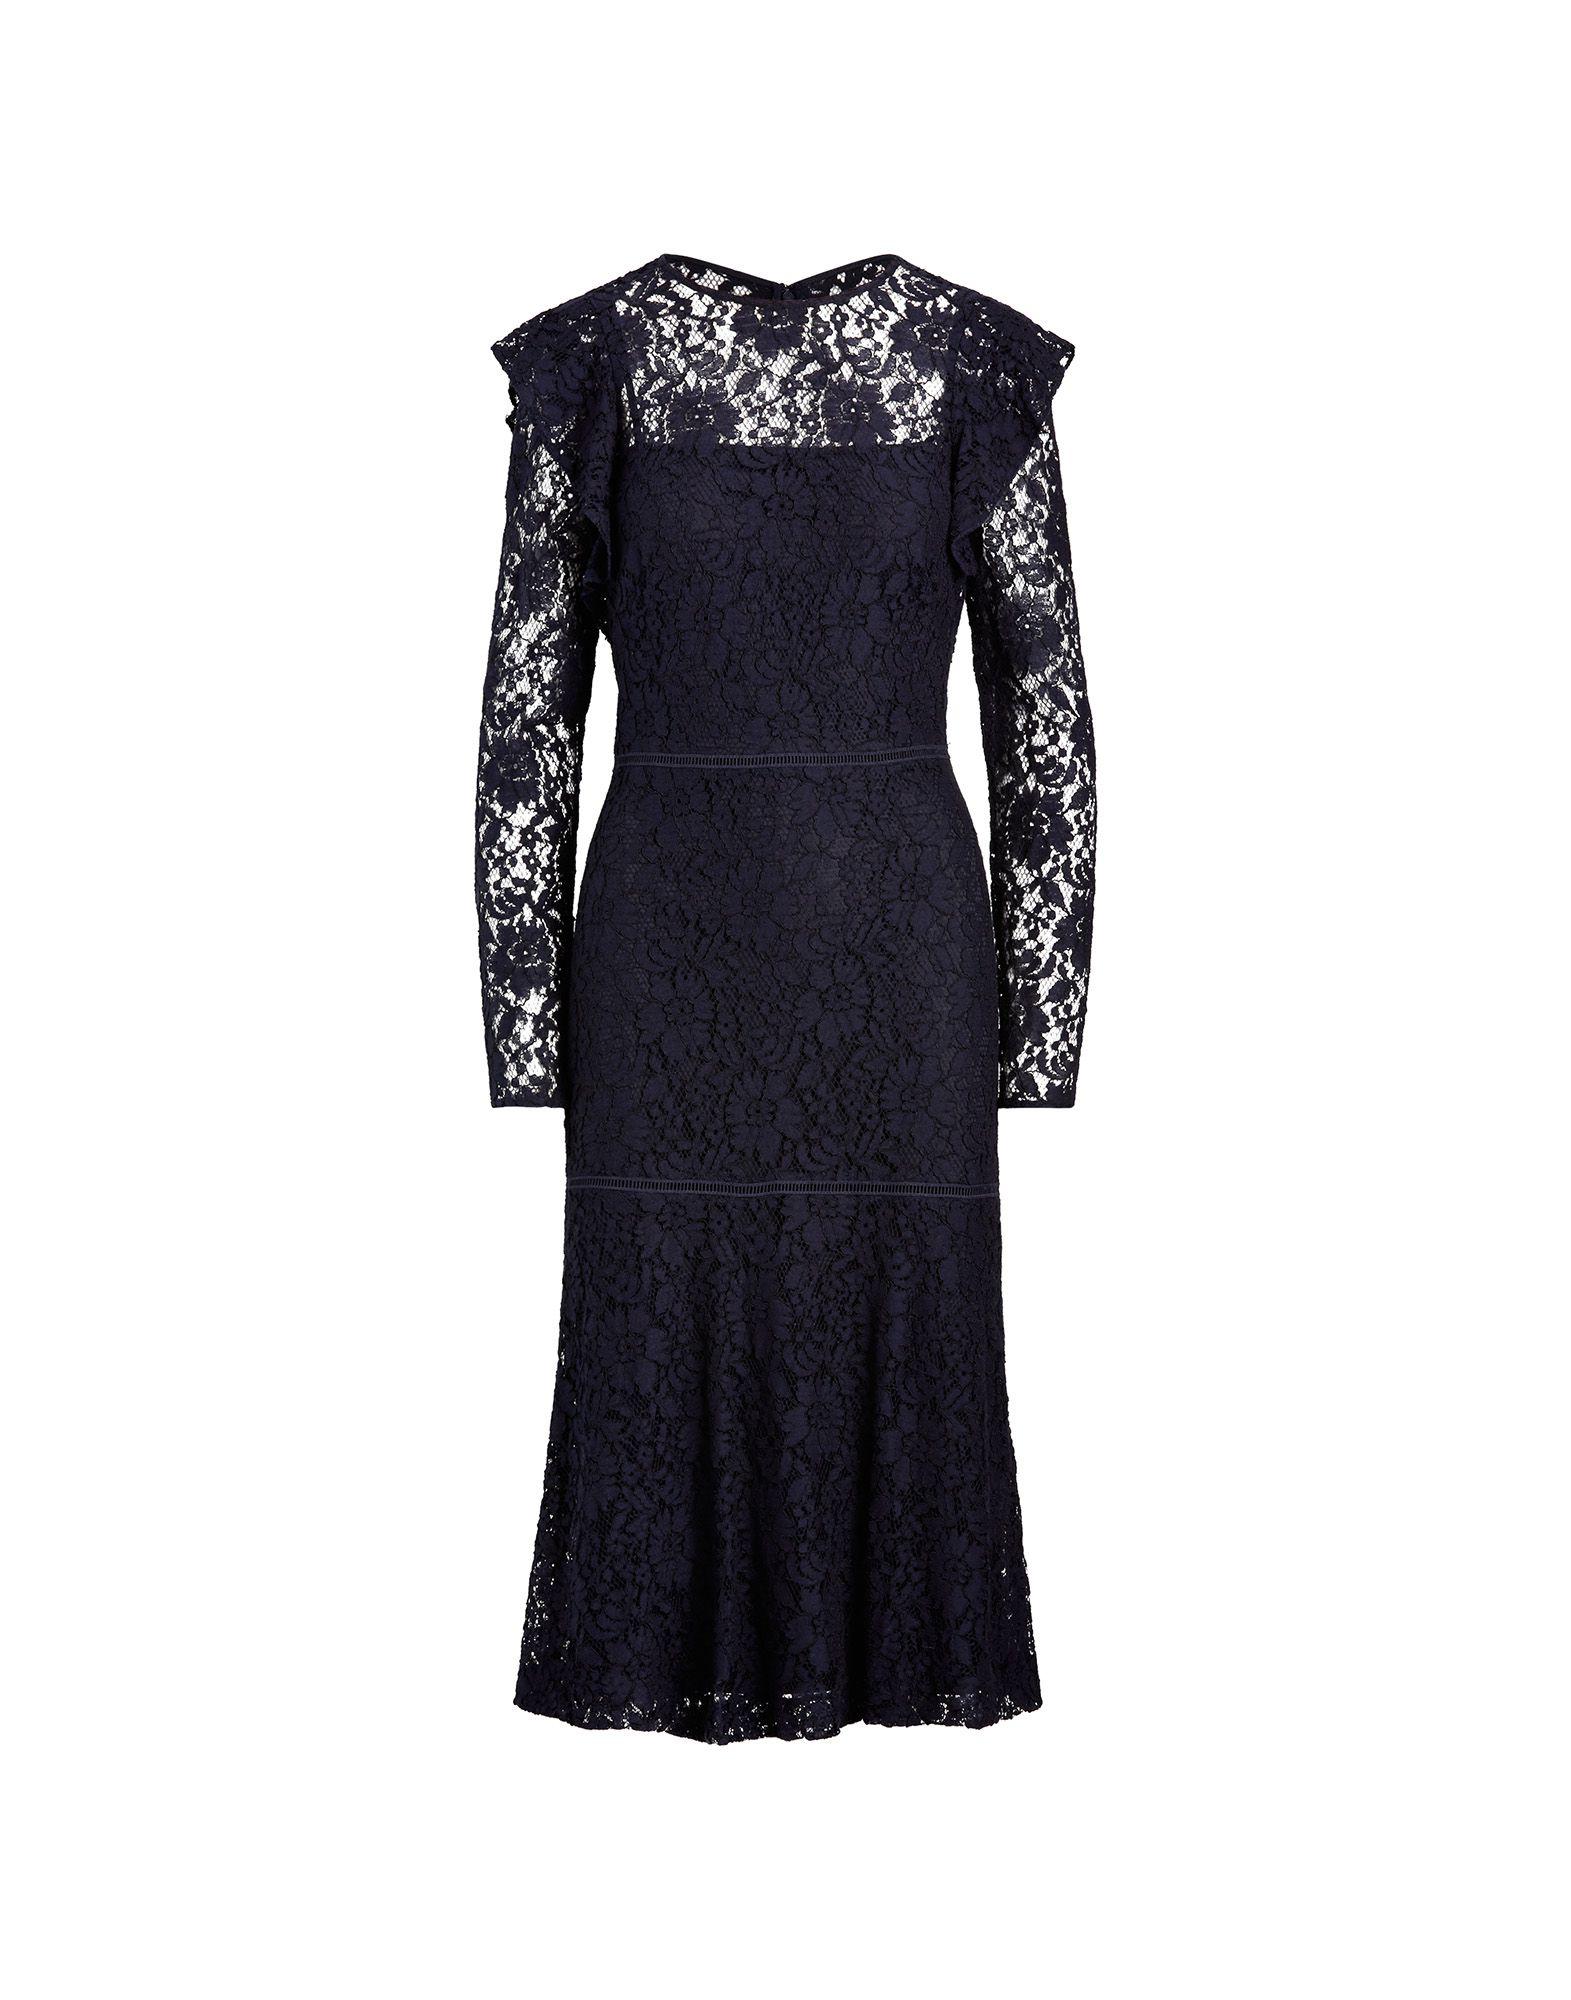 LAUREN RALPH LAUREN Платье длиной 3/4